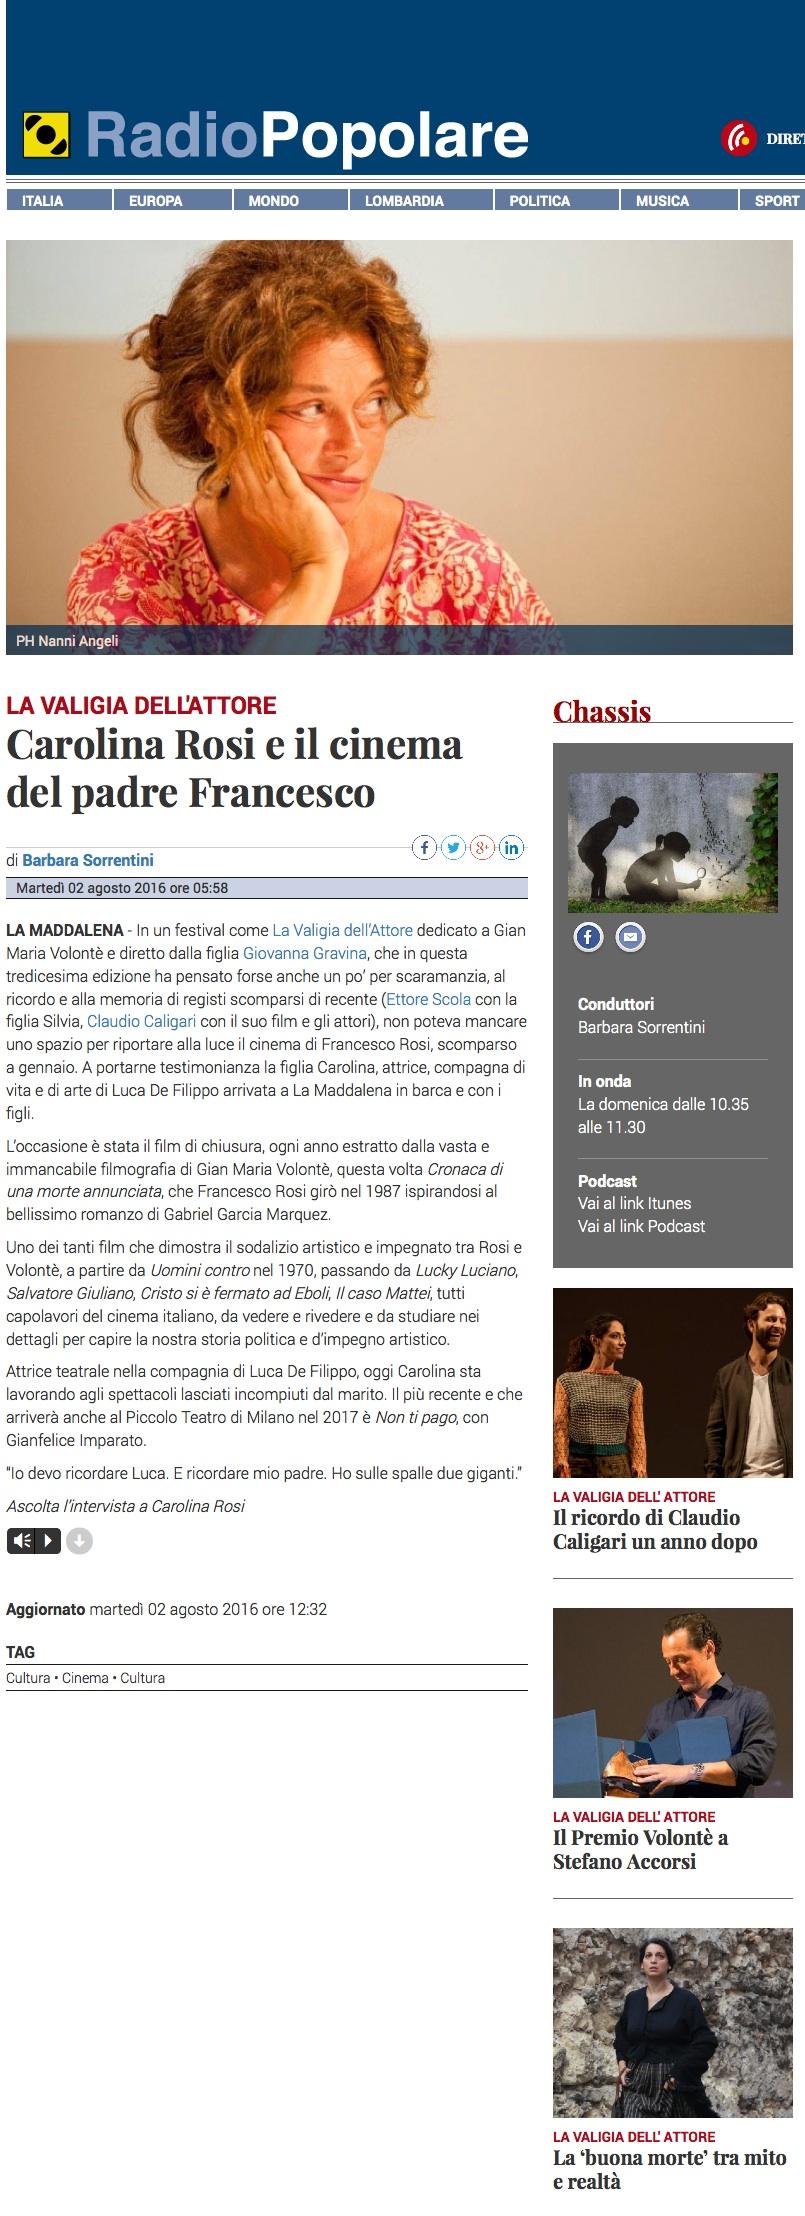 Leggi l'articolo su Radiopopolare.it